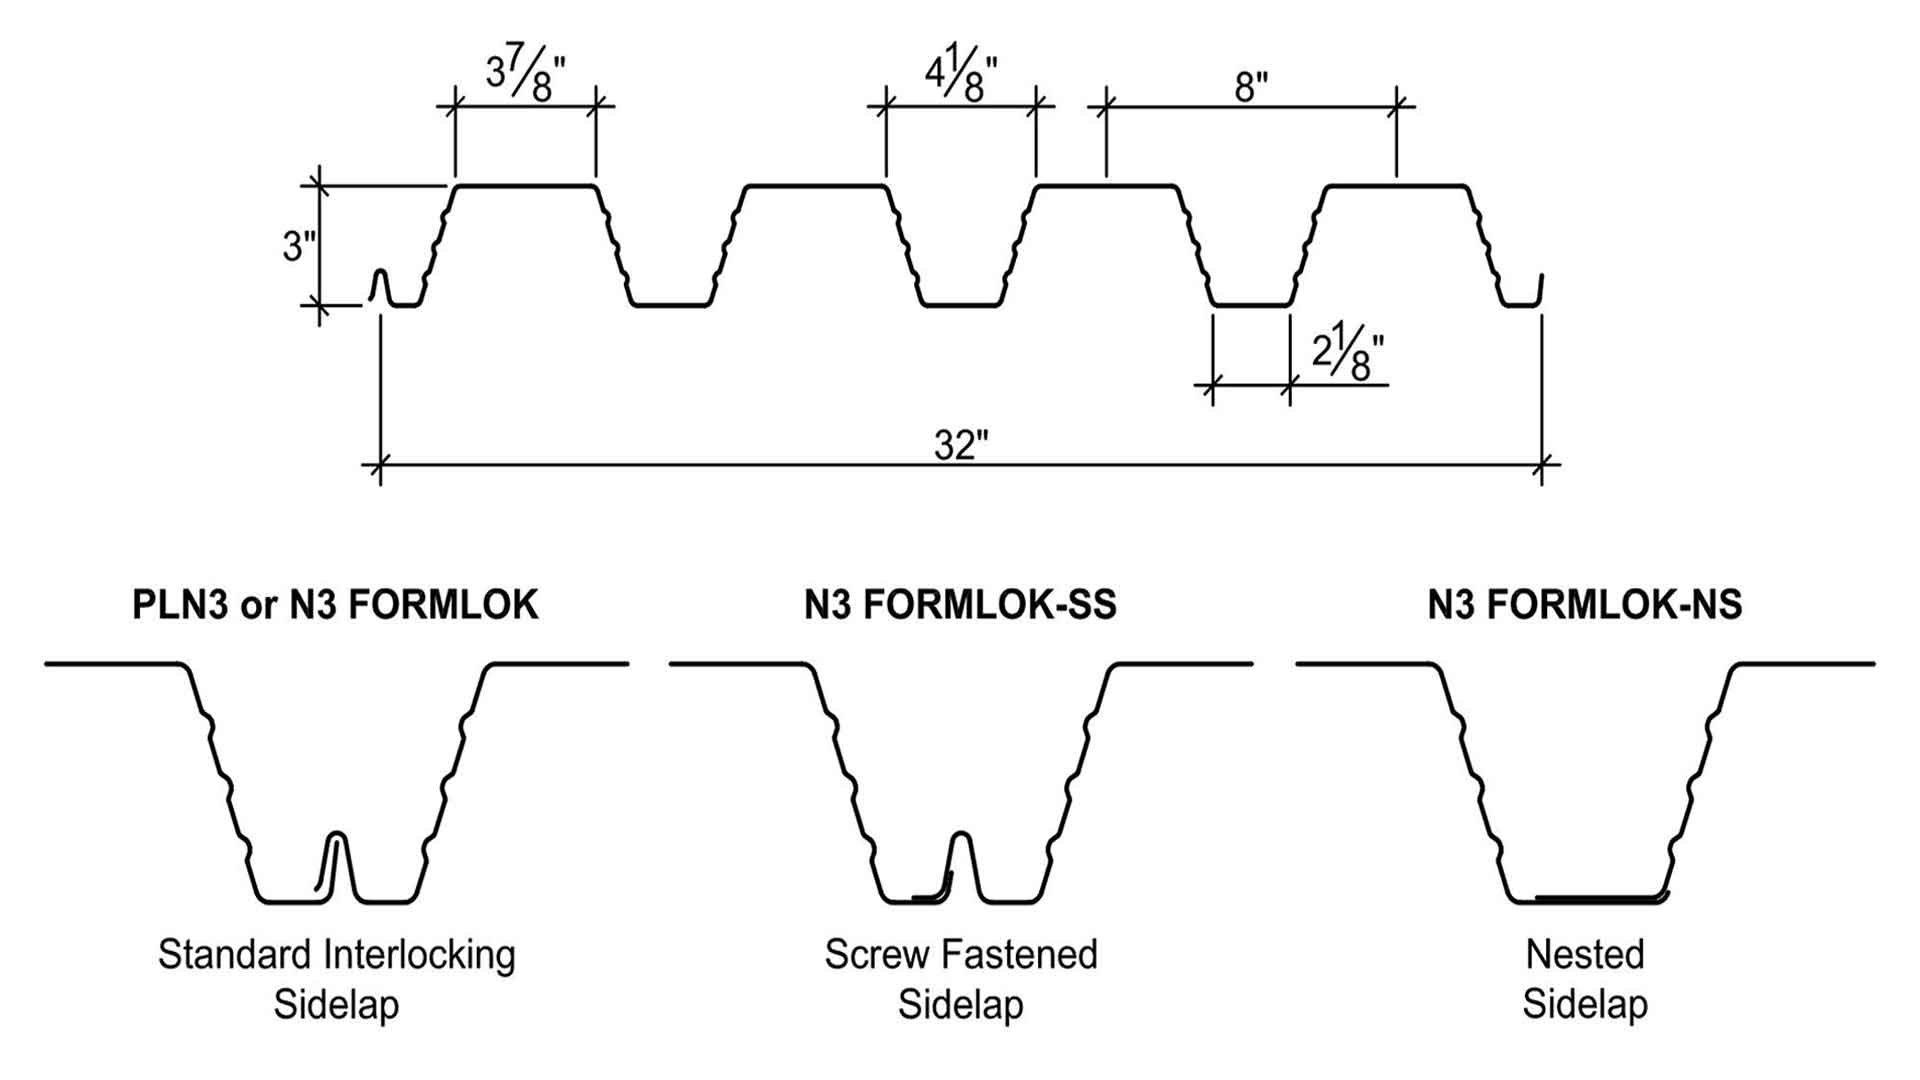 n3-formlok-line-drawing